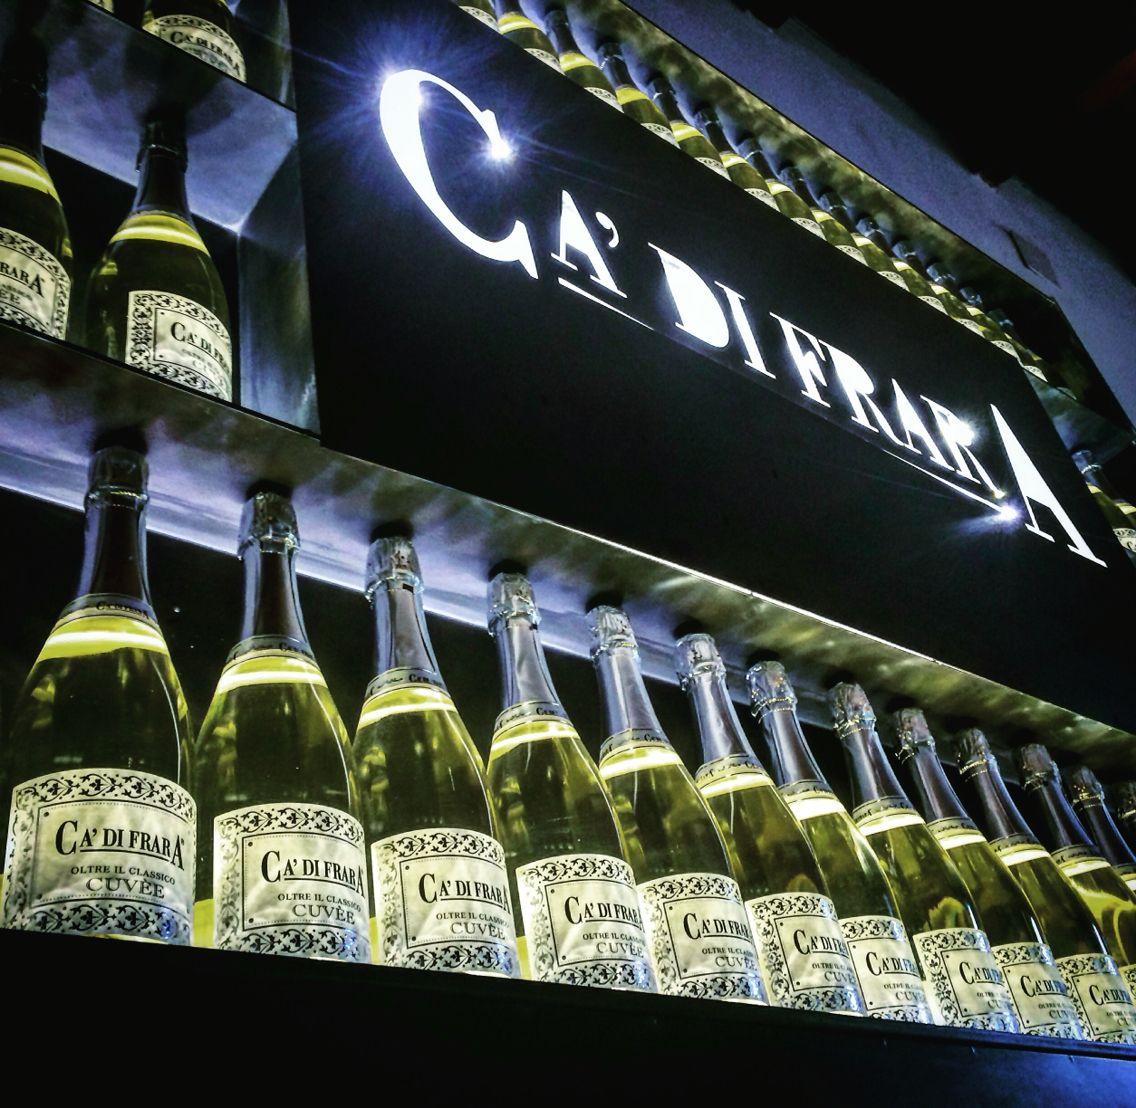 Il #vino dona allegria creando emozioni !  #cuvèe #cadifrara #spumante #metodoclassico #champenoise #pinotnero #chardonnay #oltrepò #oltrepòpavese #mornicolosana #lombardia #lombardiadavedere #destinazioneoltrepò #belloberebene